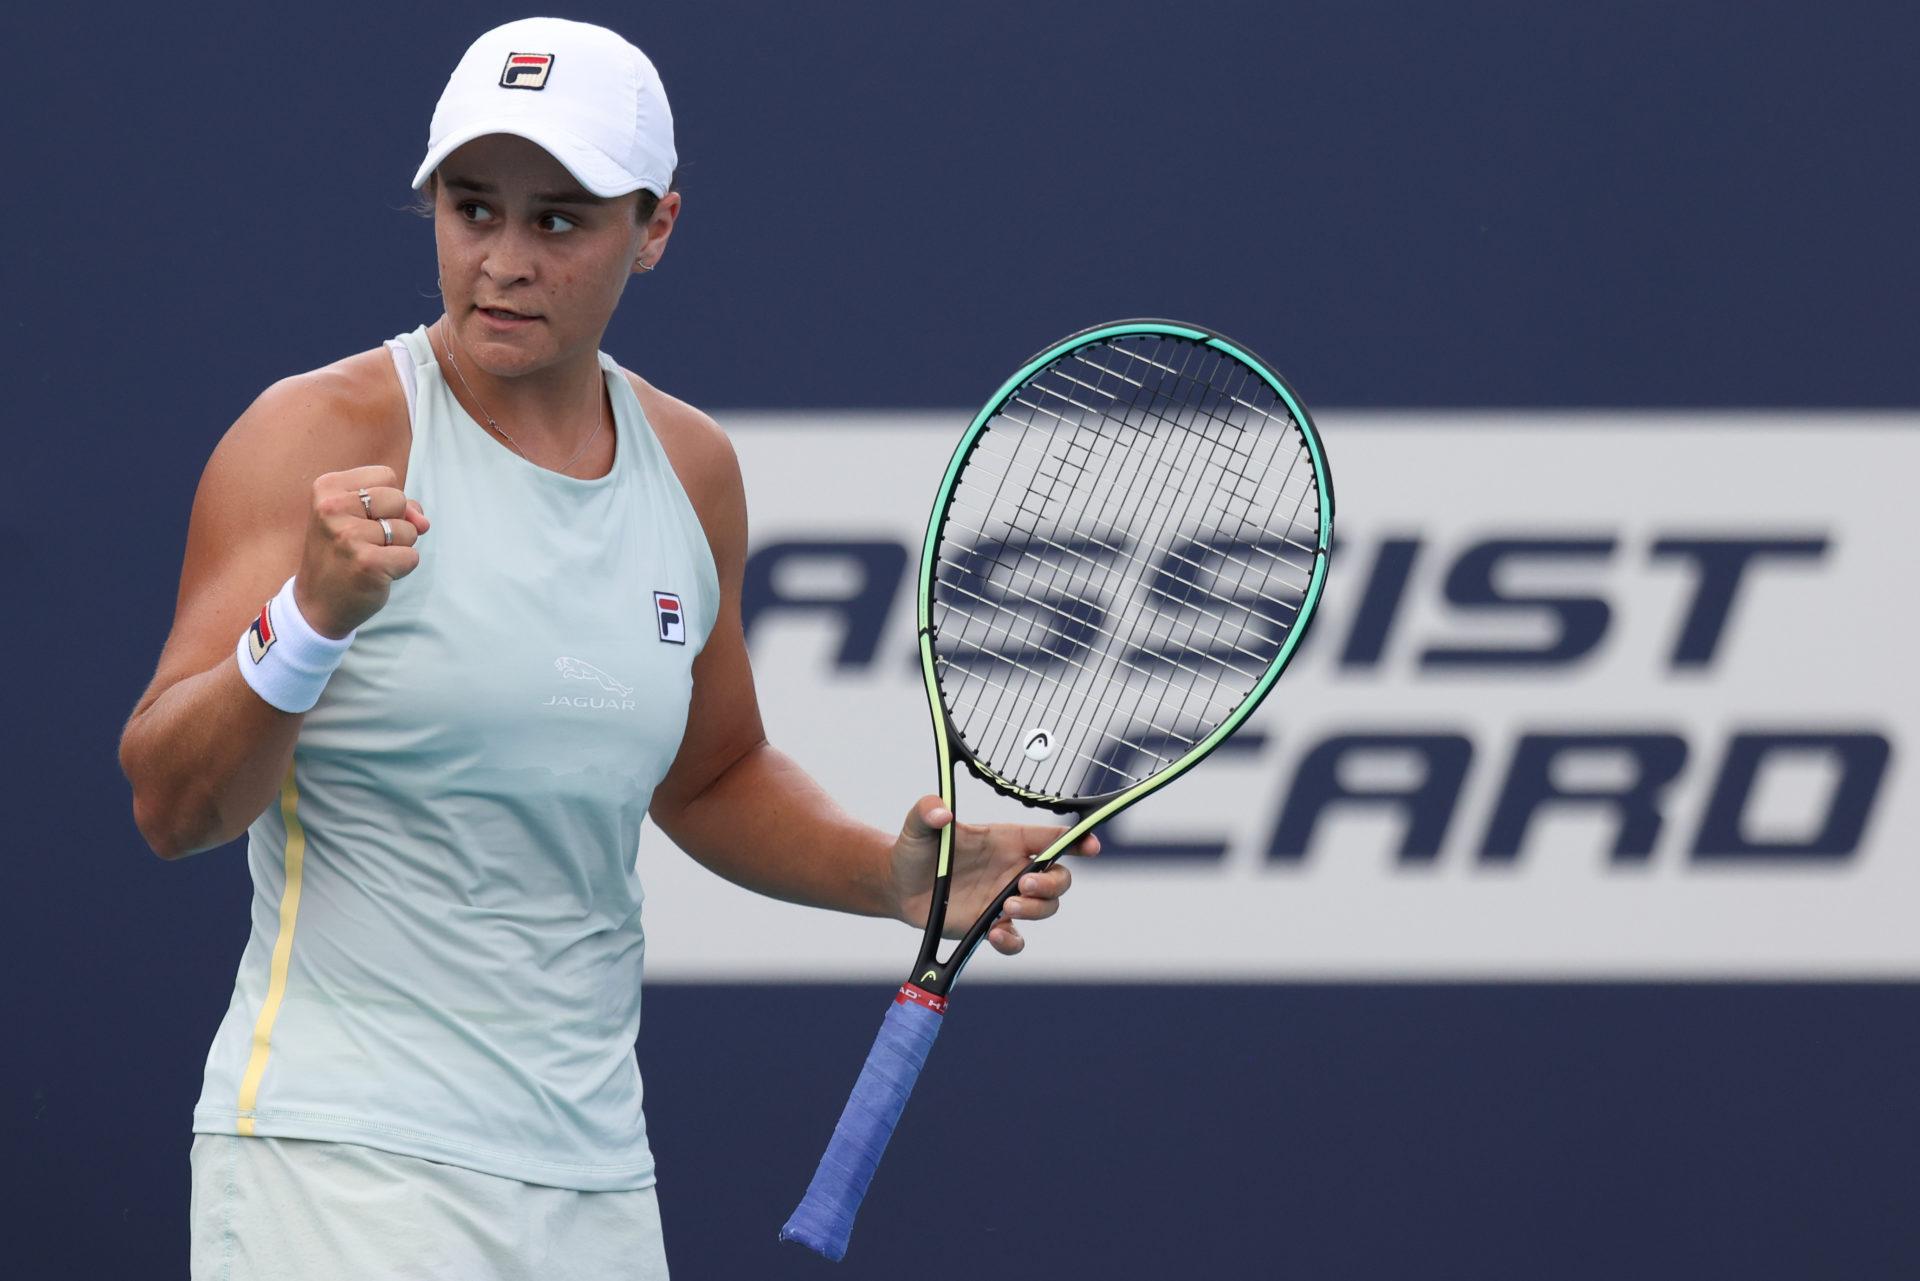 2021 03 29T164417Z 142323915 MT1USATODAY15815391 RTRMADP 3 TENNIS MIAMI OPEN - WTA lestvica: Iga Swiatek najvišje v karieri, Tamara Zidanšek ostaja 33.